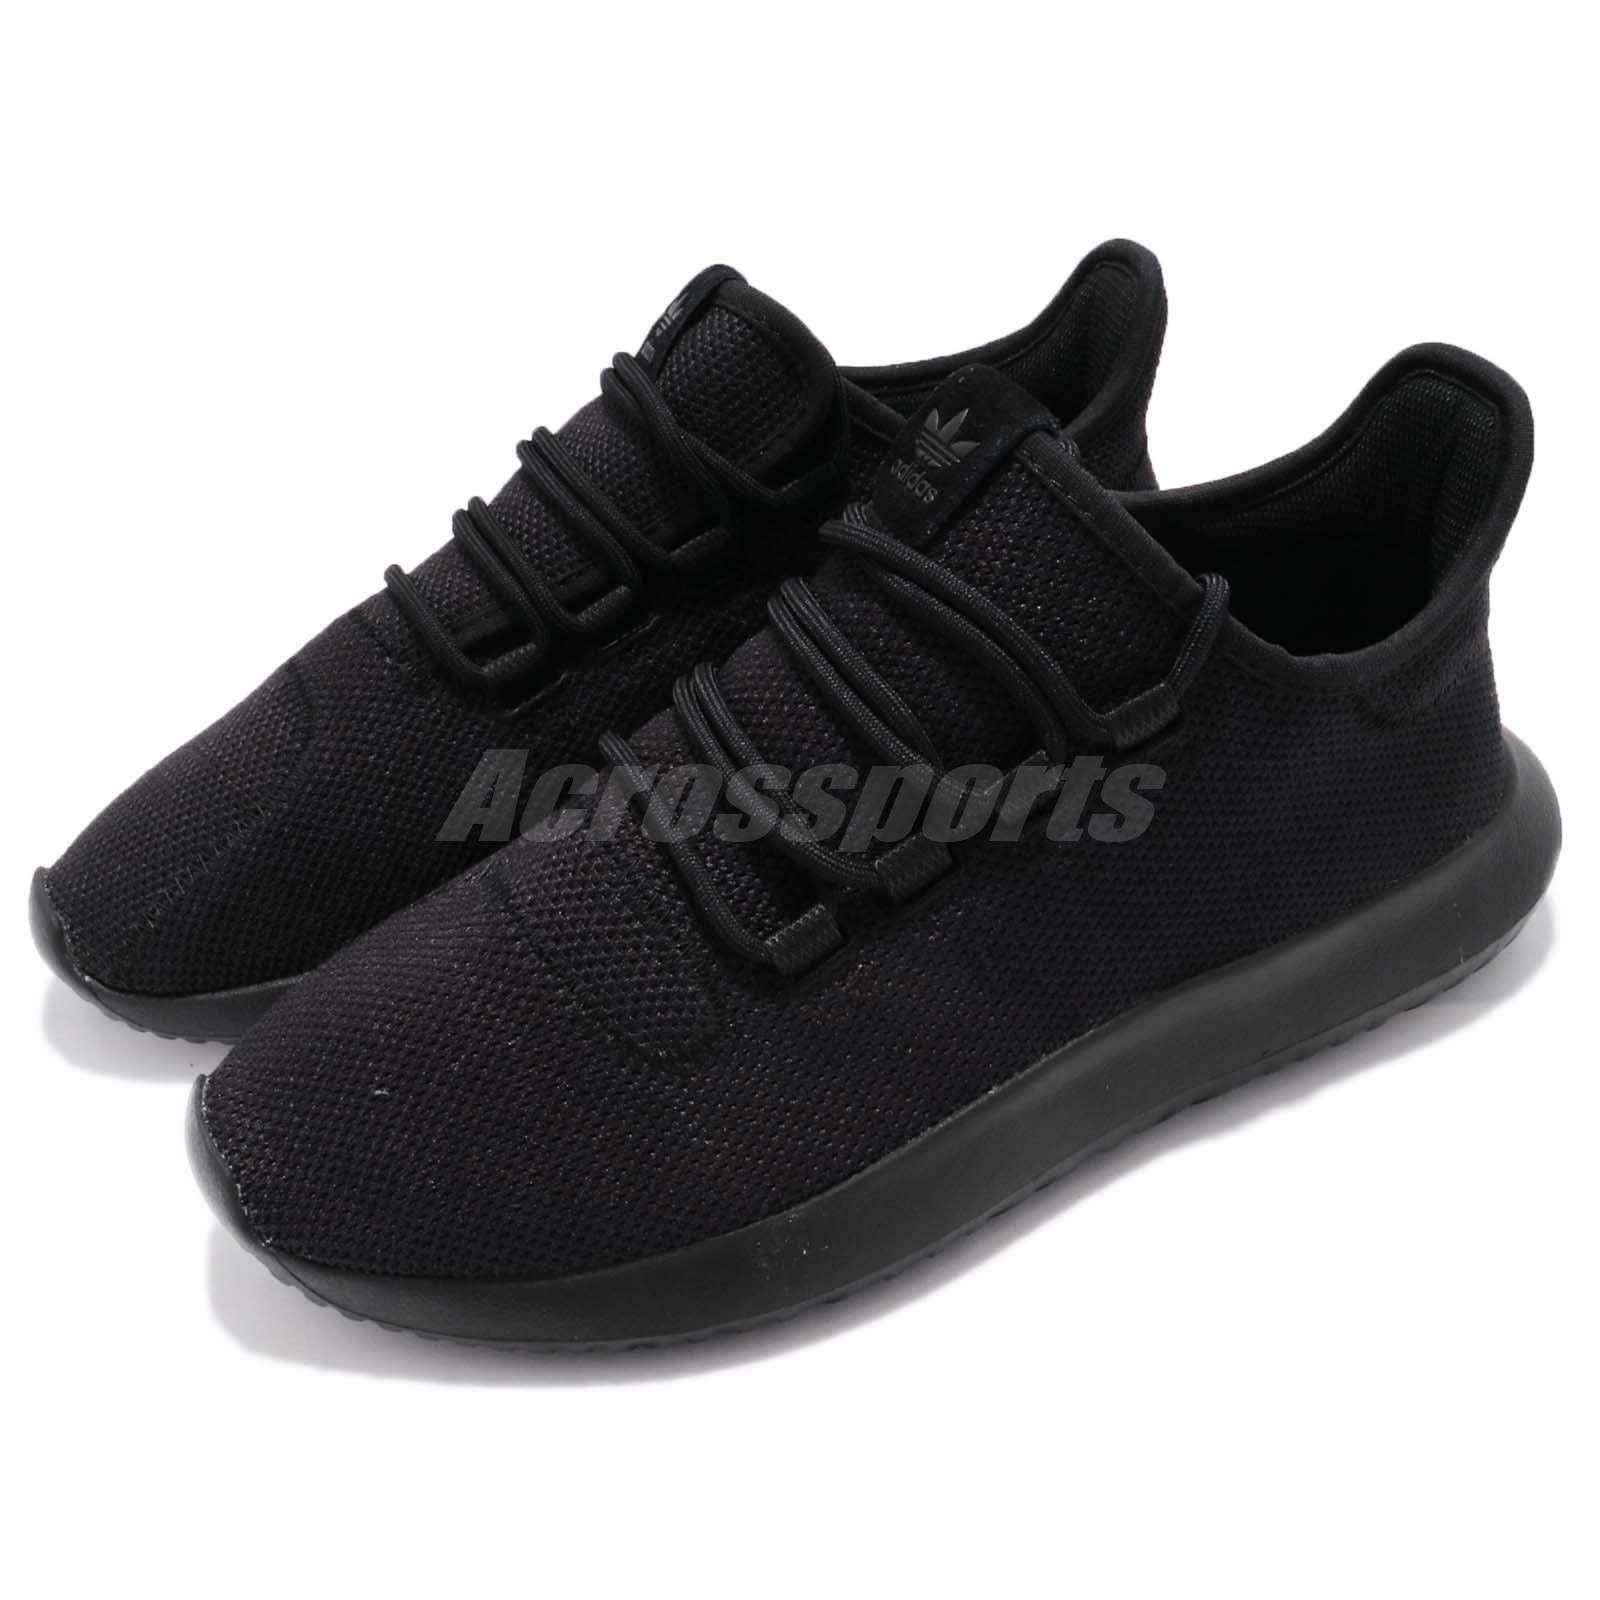 adidas tubular shadow cg4563